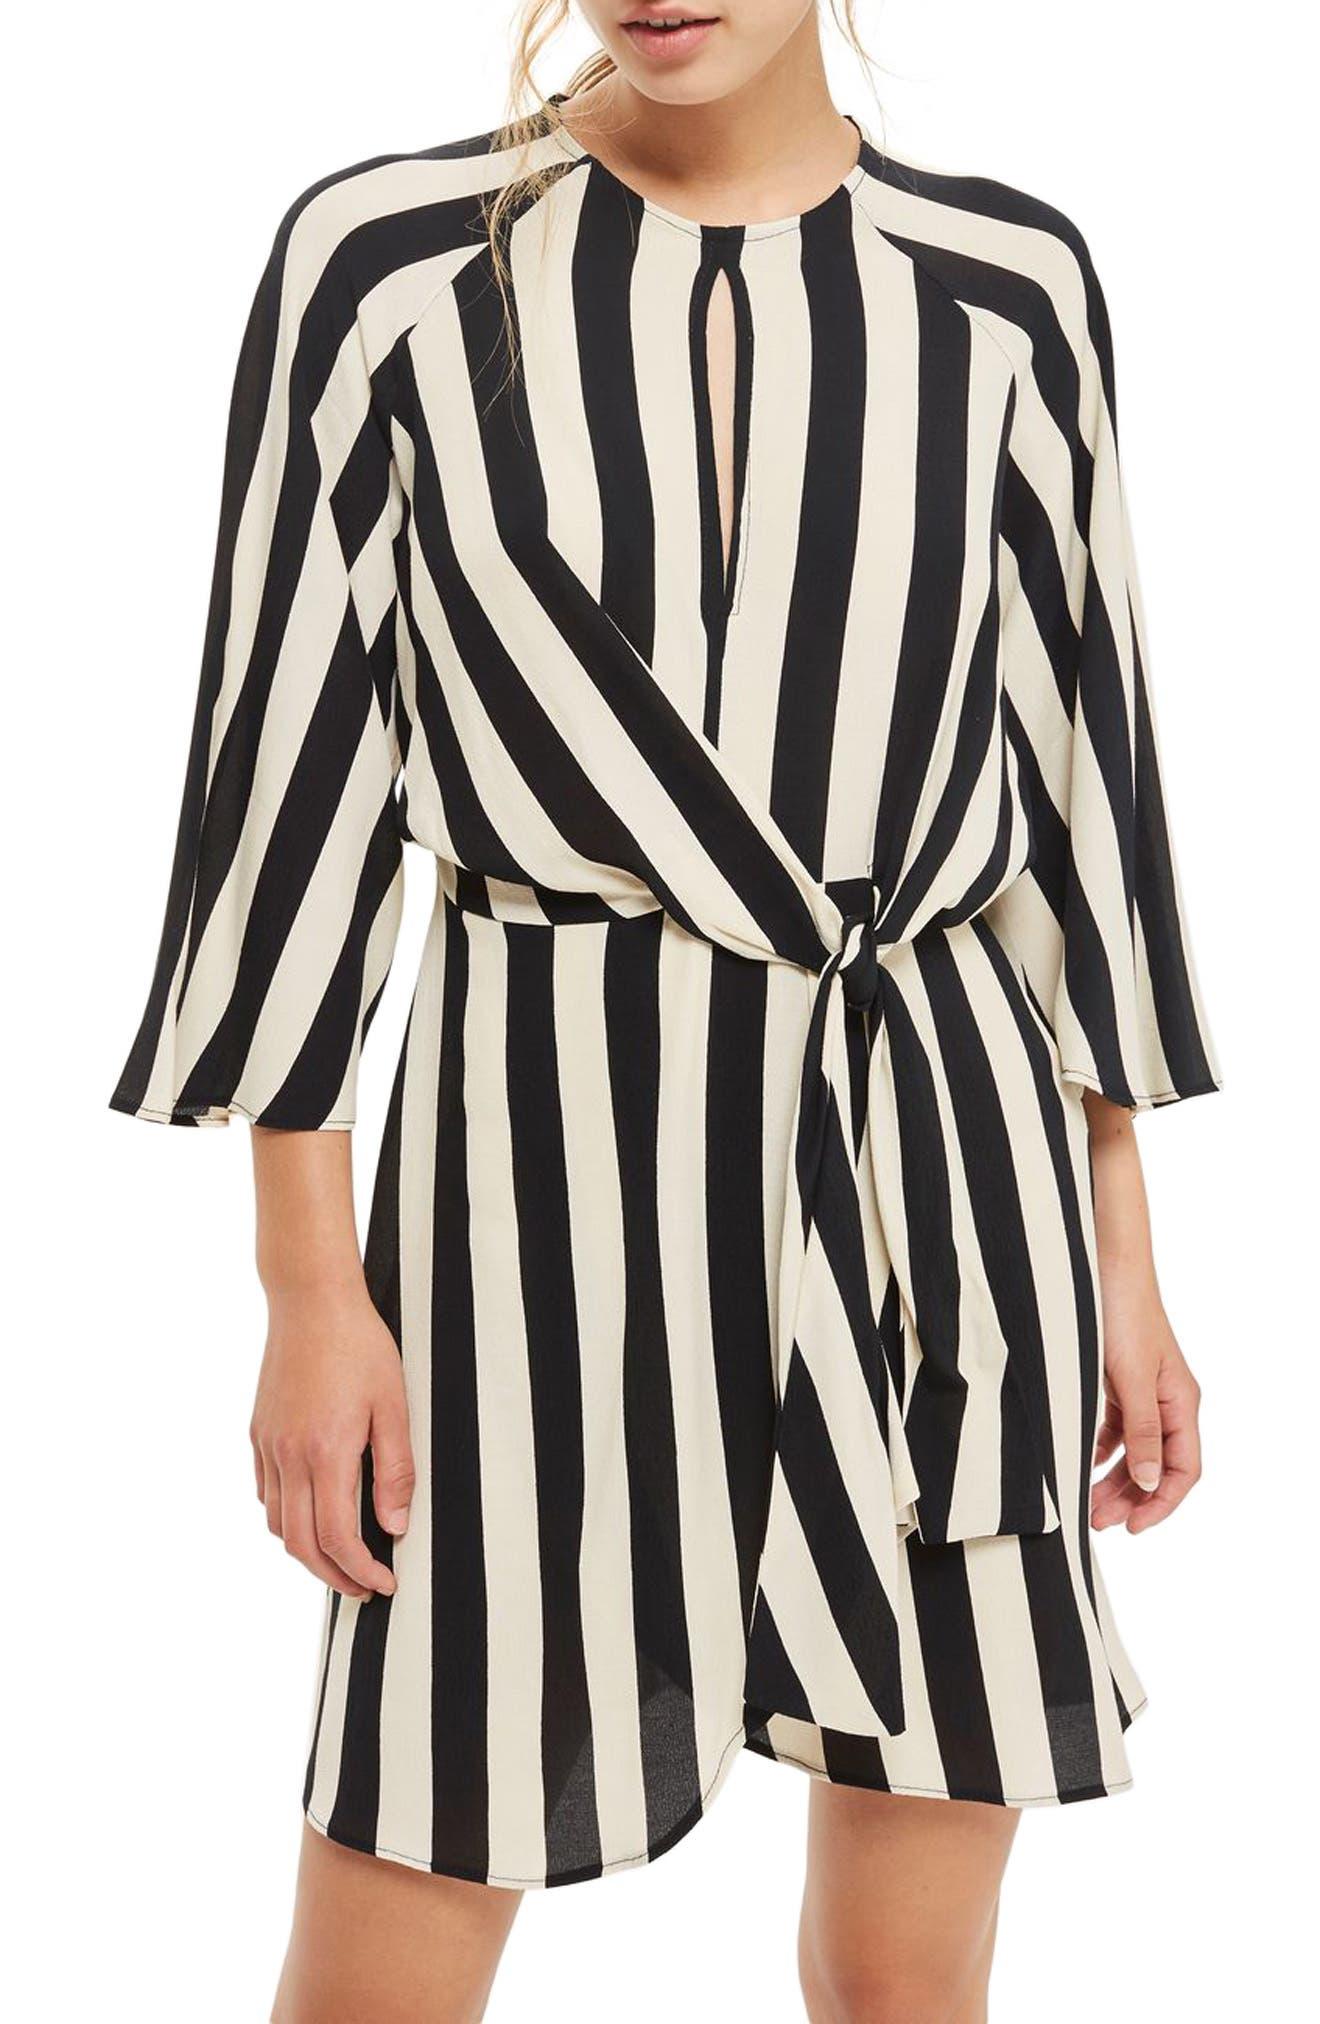 Humbug Stripe Knot Dress,                             Main thumbnail 1, color,                             001